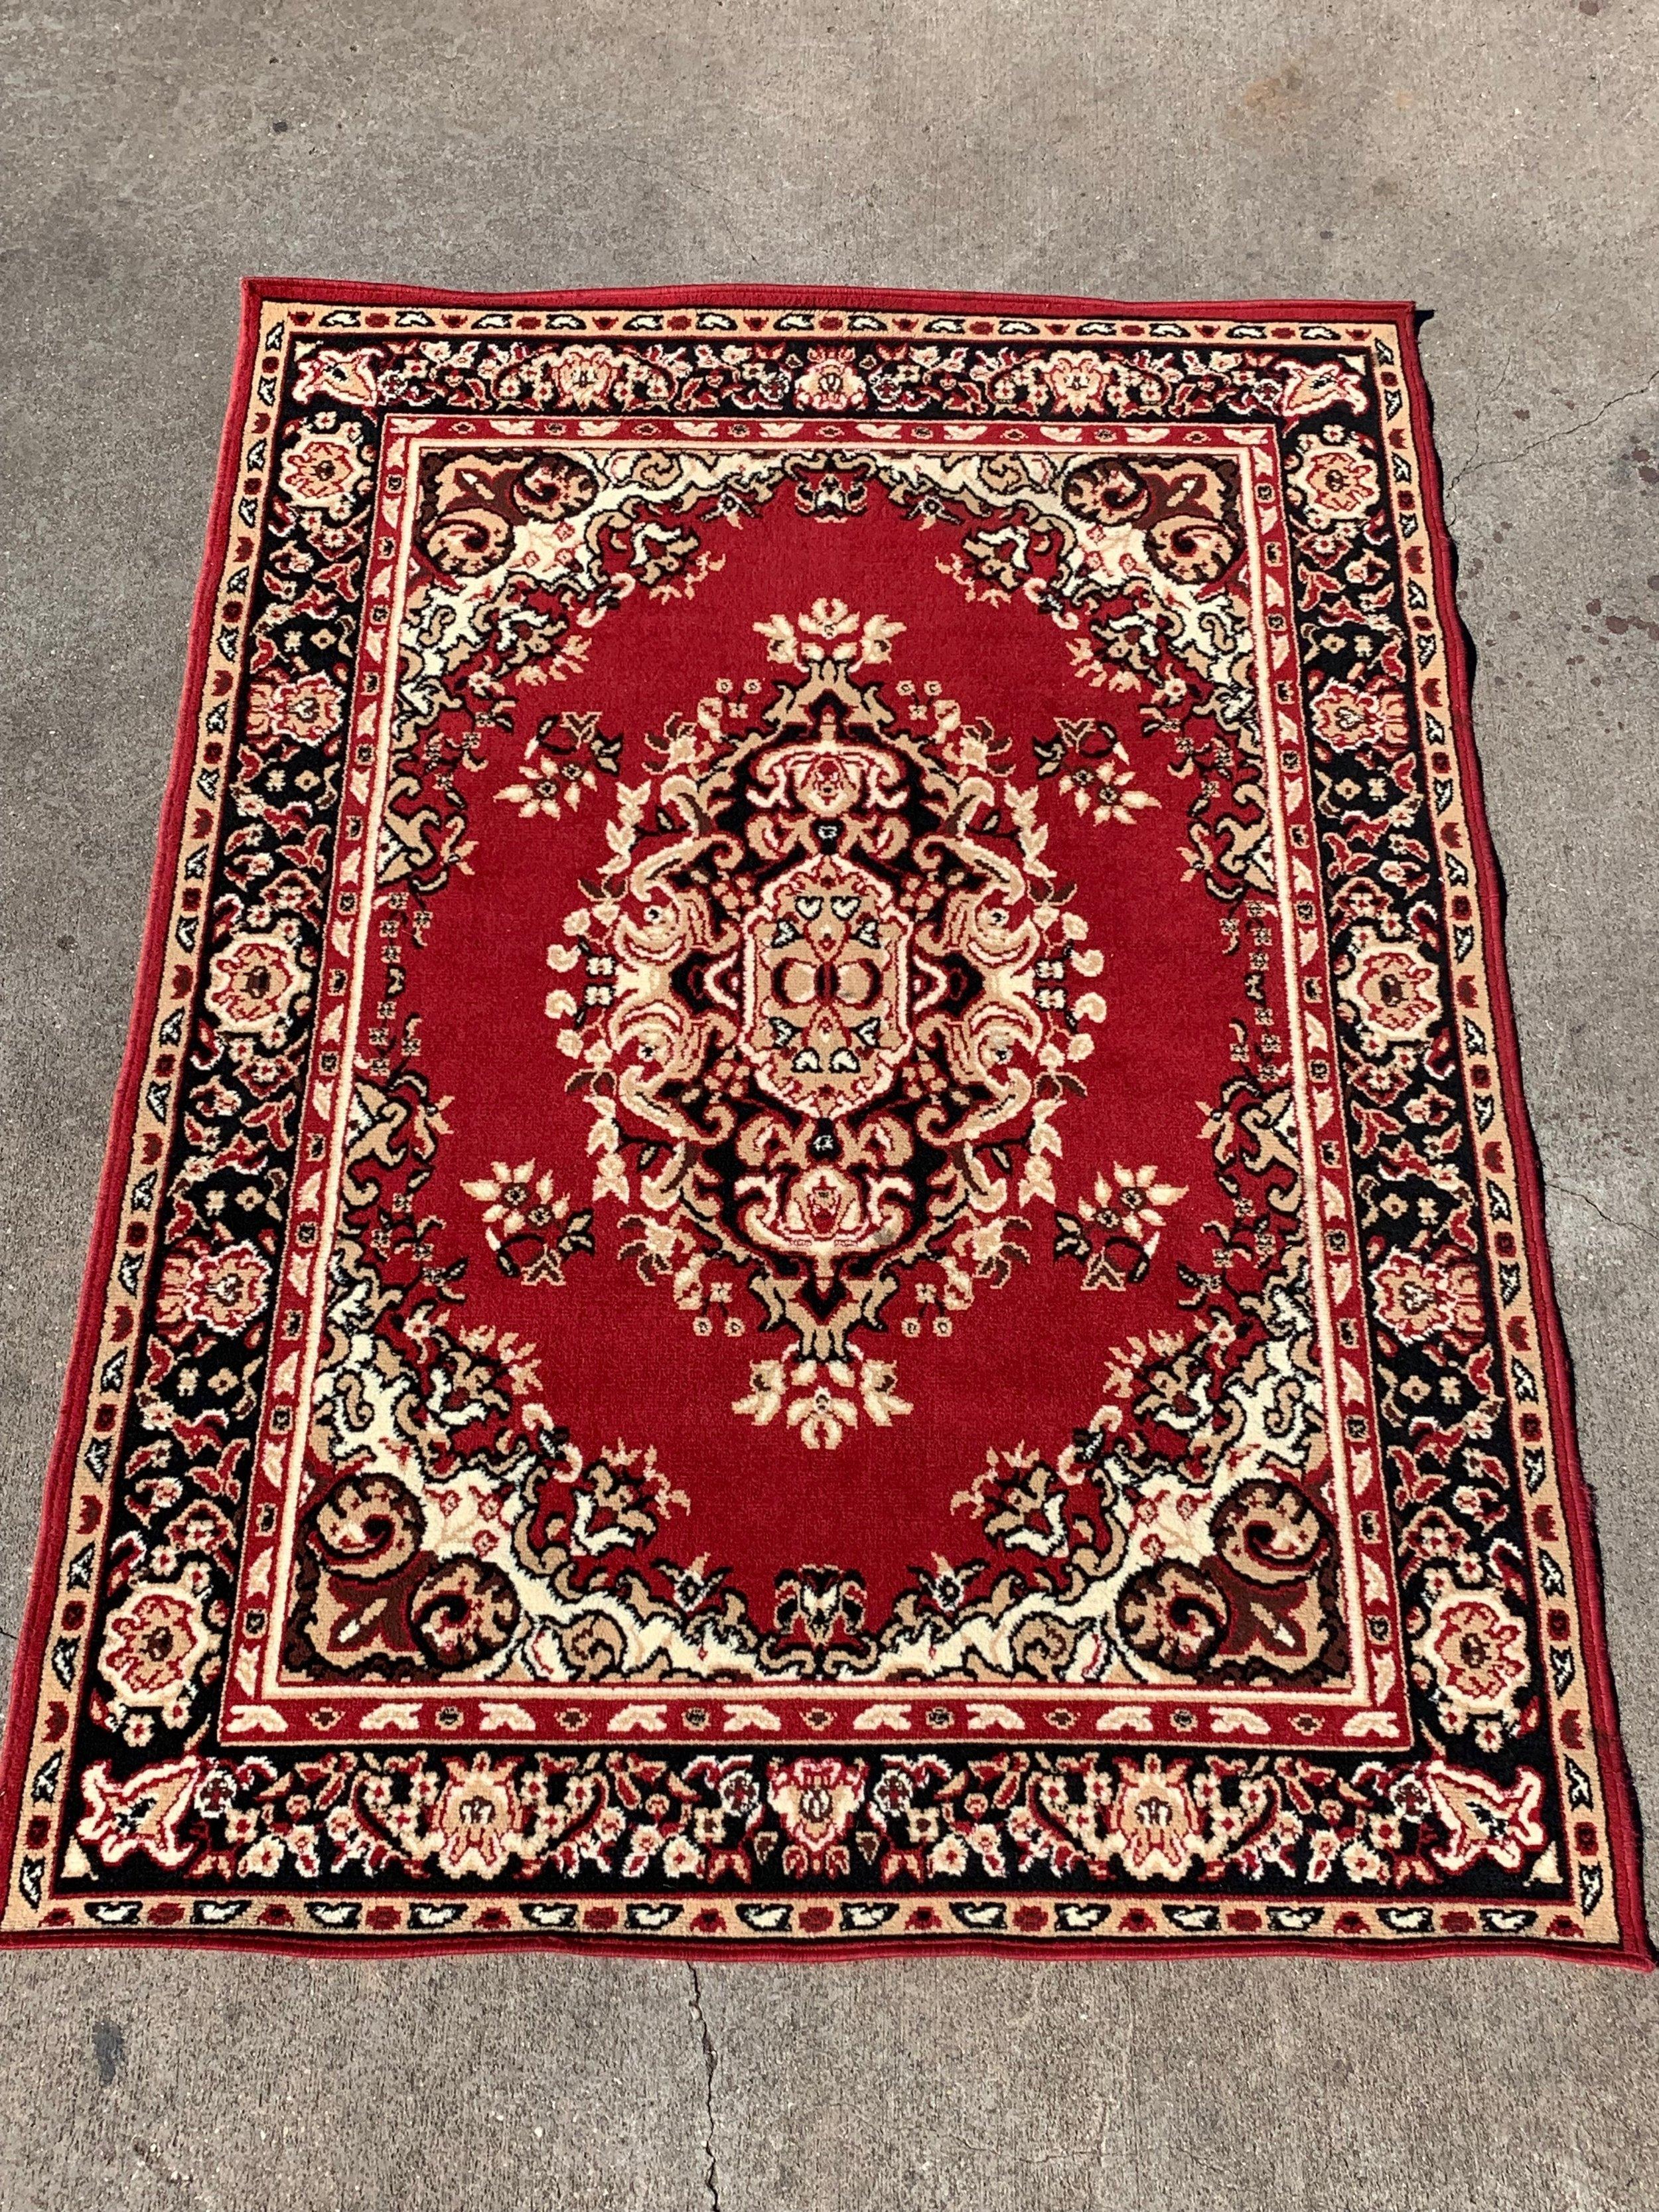 RED PERSIAN RUG.JPG